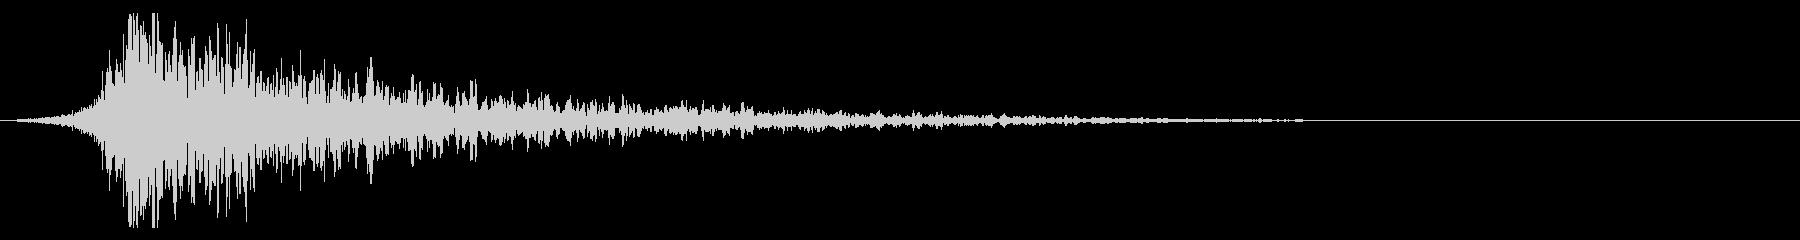 シュードーン-23-2(インパクト音)の未再生の波形